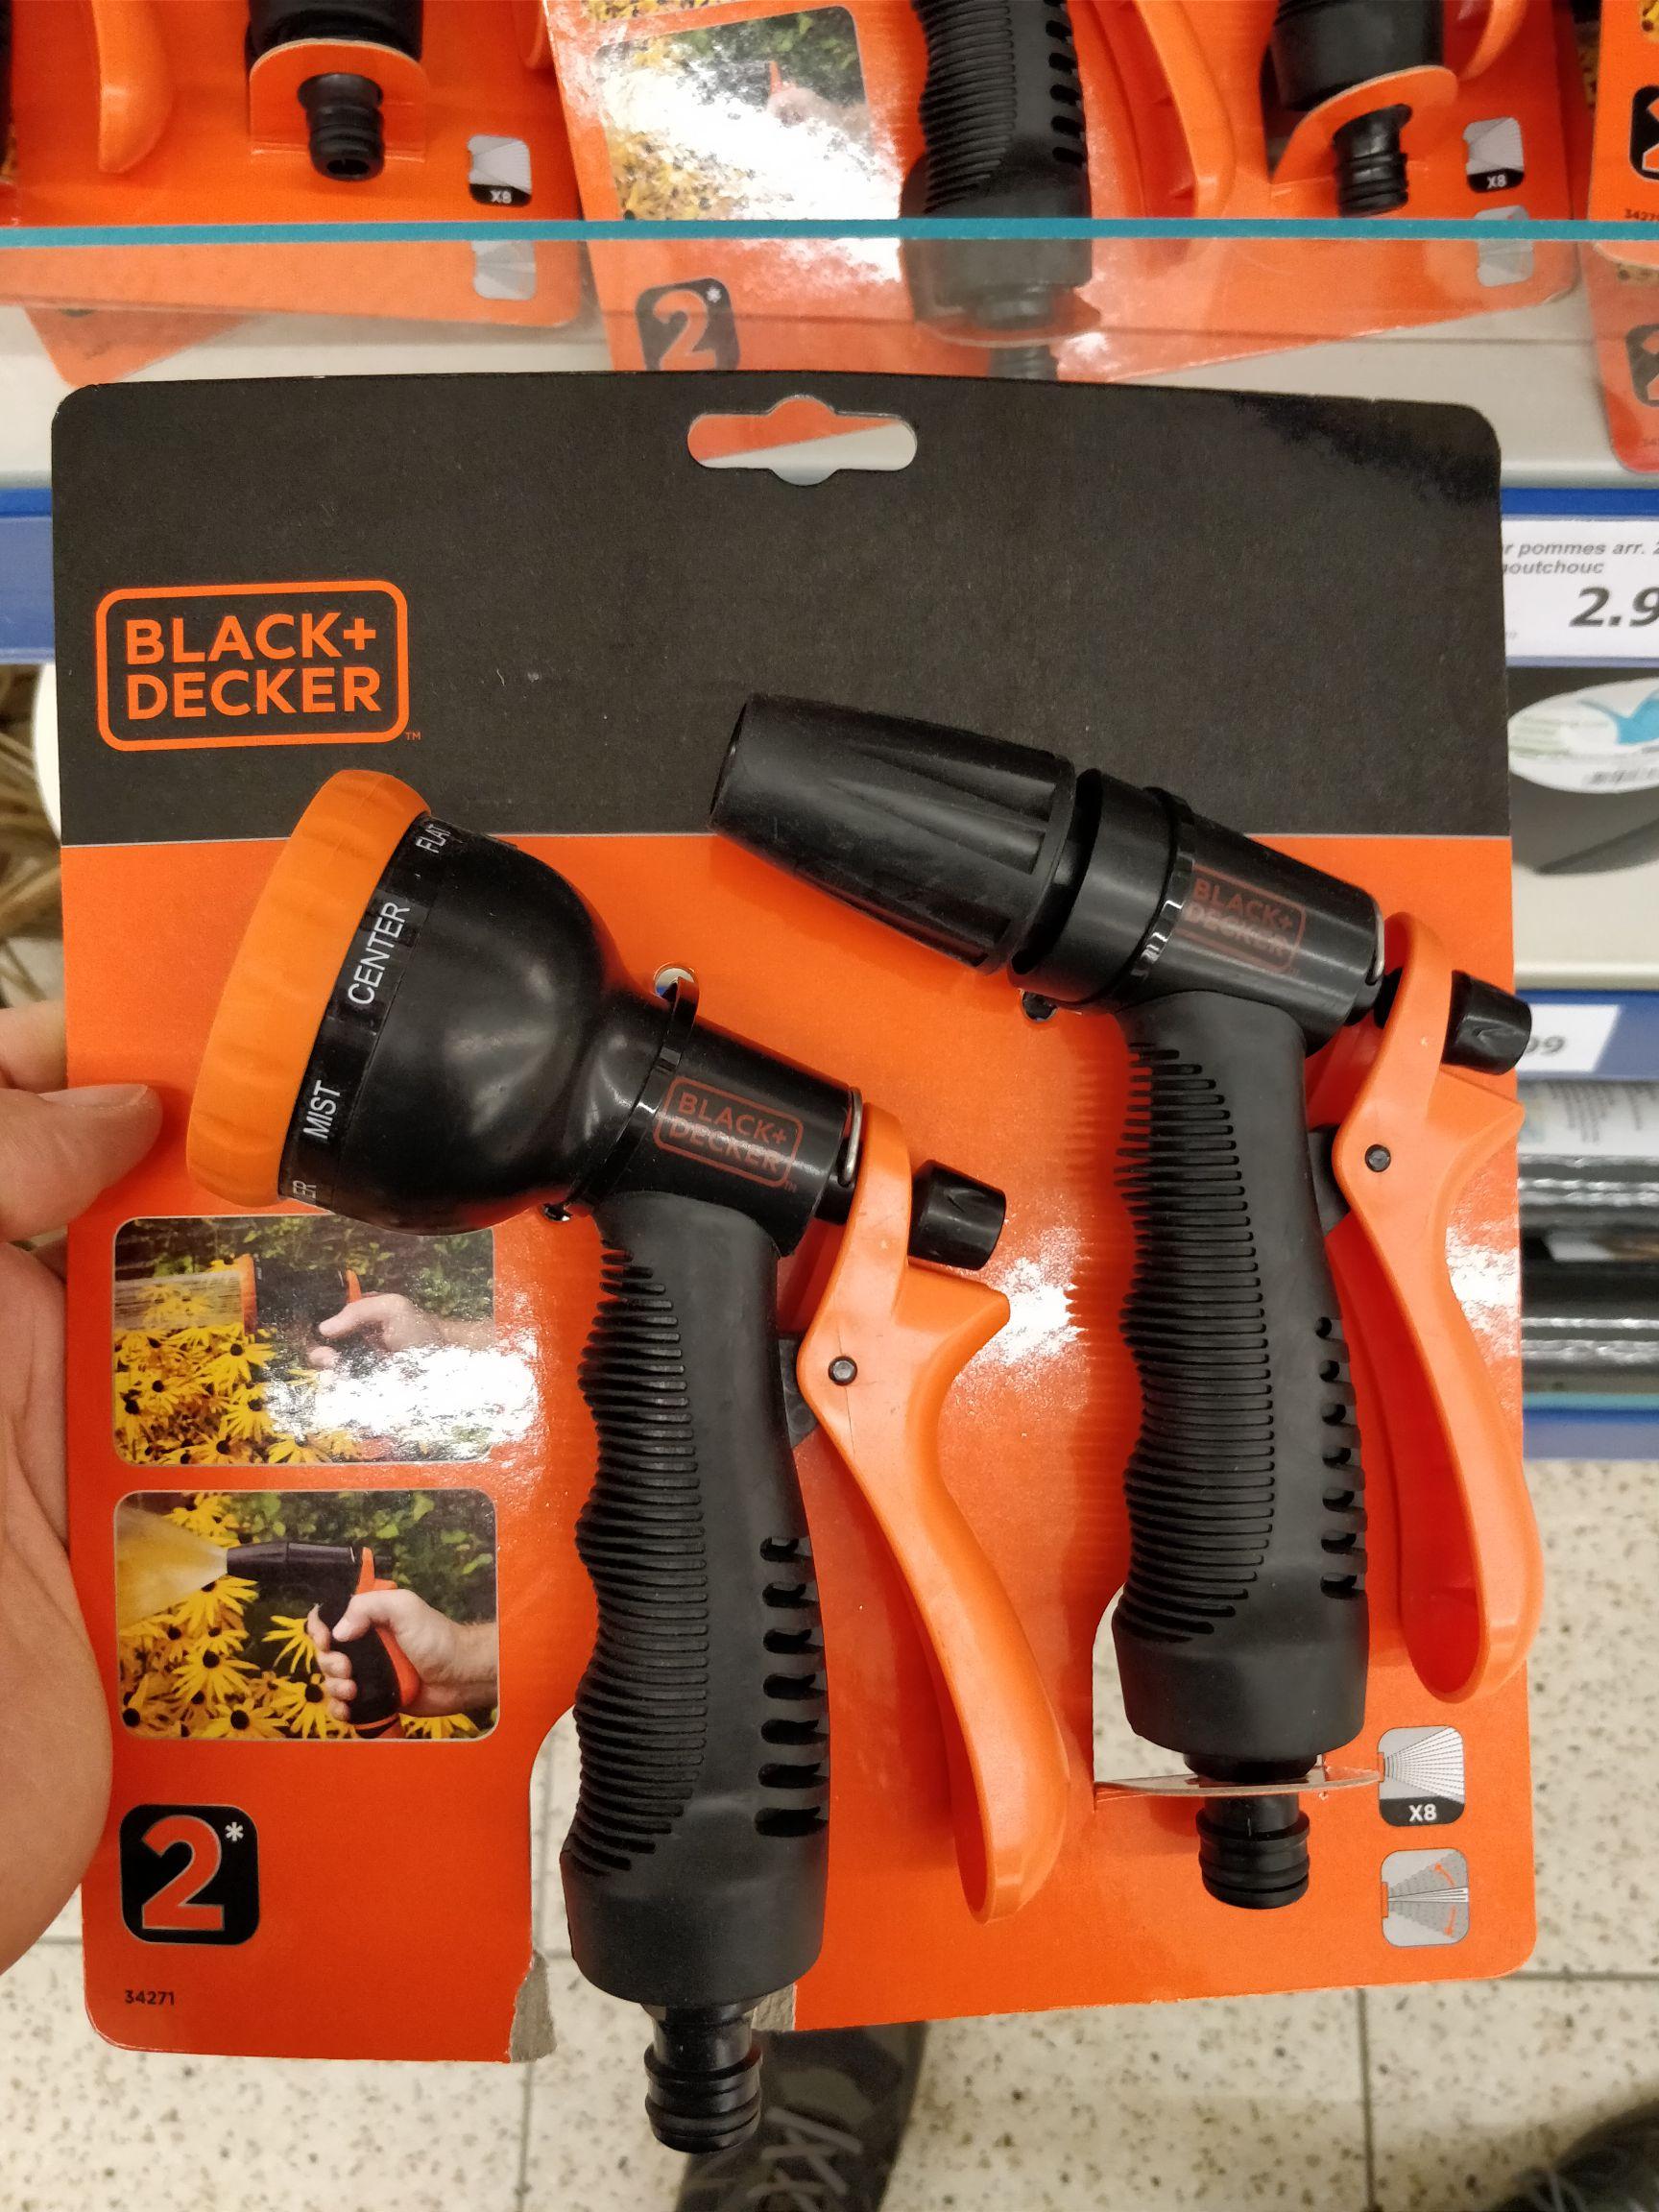 Douche et Pistolet d'arrosage Black+Decker